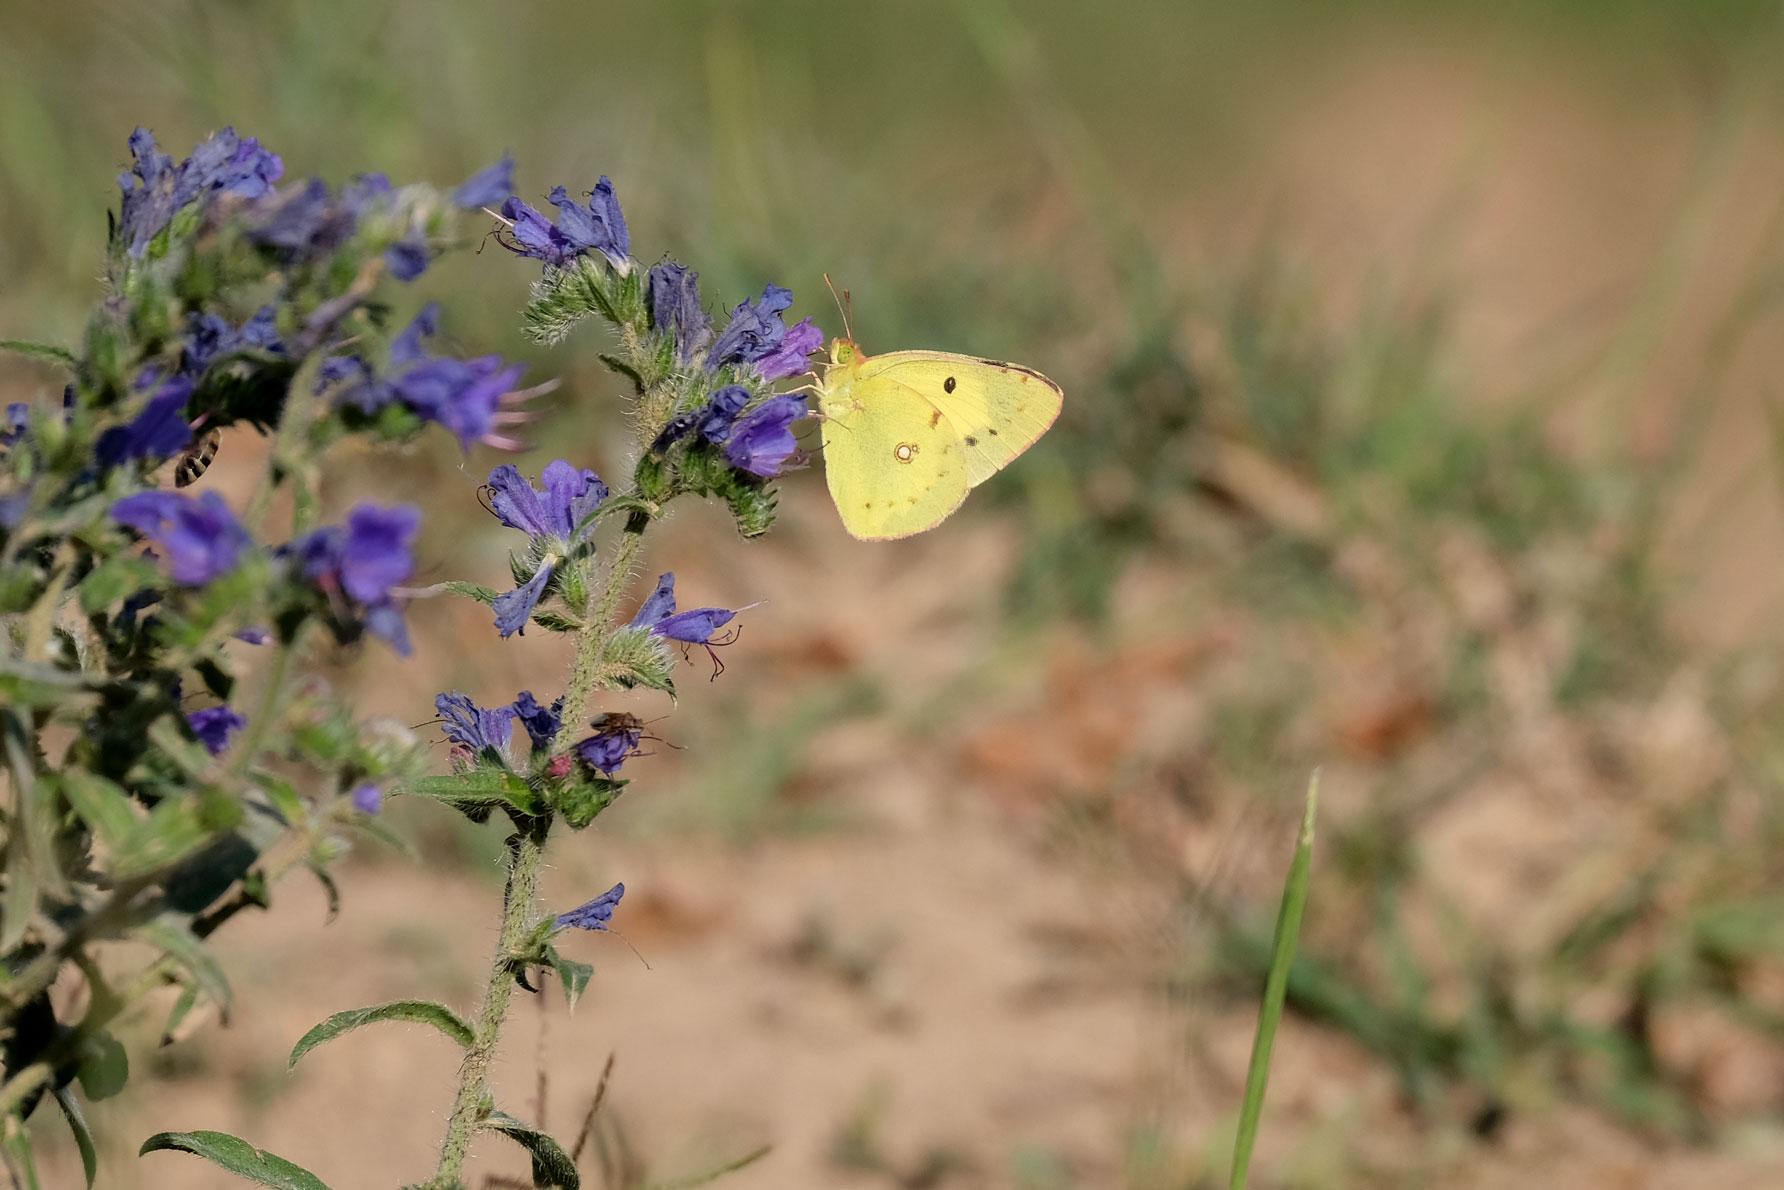 Ein Schmetterliing stärkt sich am Blumenkelch